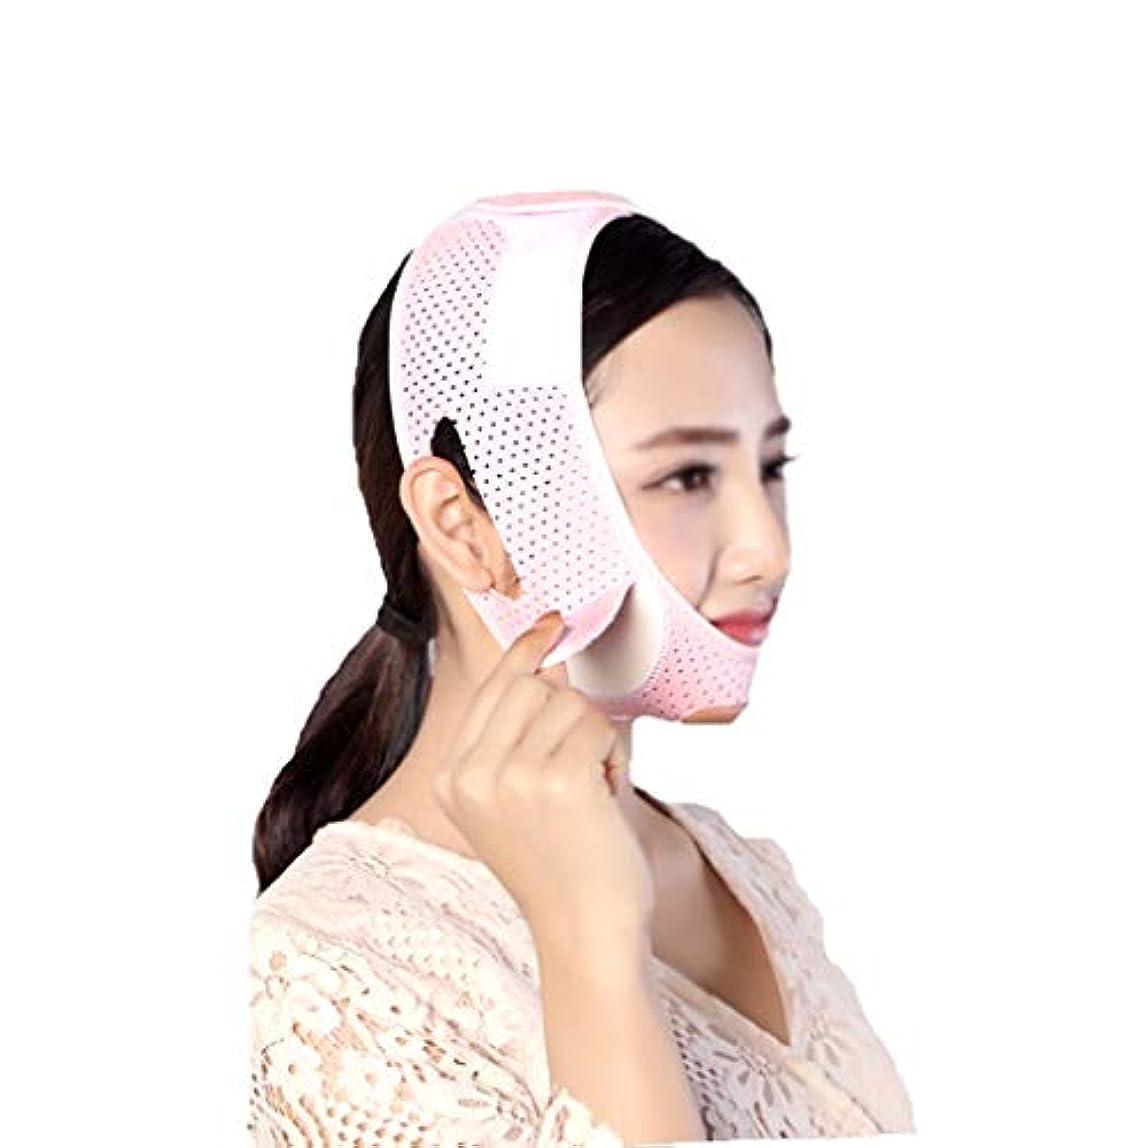 マーチャンダイジング薄い民間フェイスリフティング包帯、フェイス減量包帯、フェイシャルファーミングマスク、ダブルチン減量ベルト (Size : M)